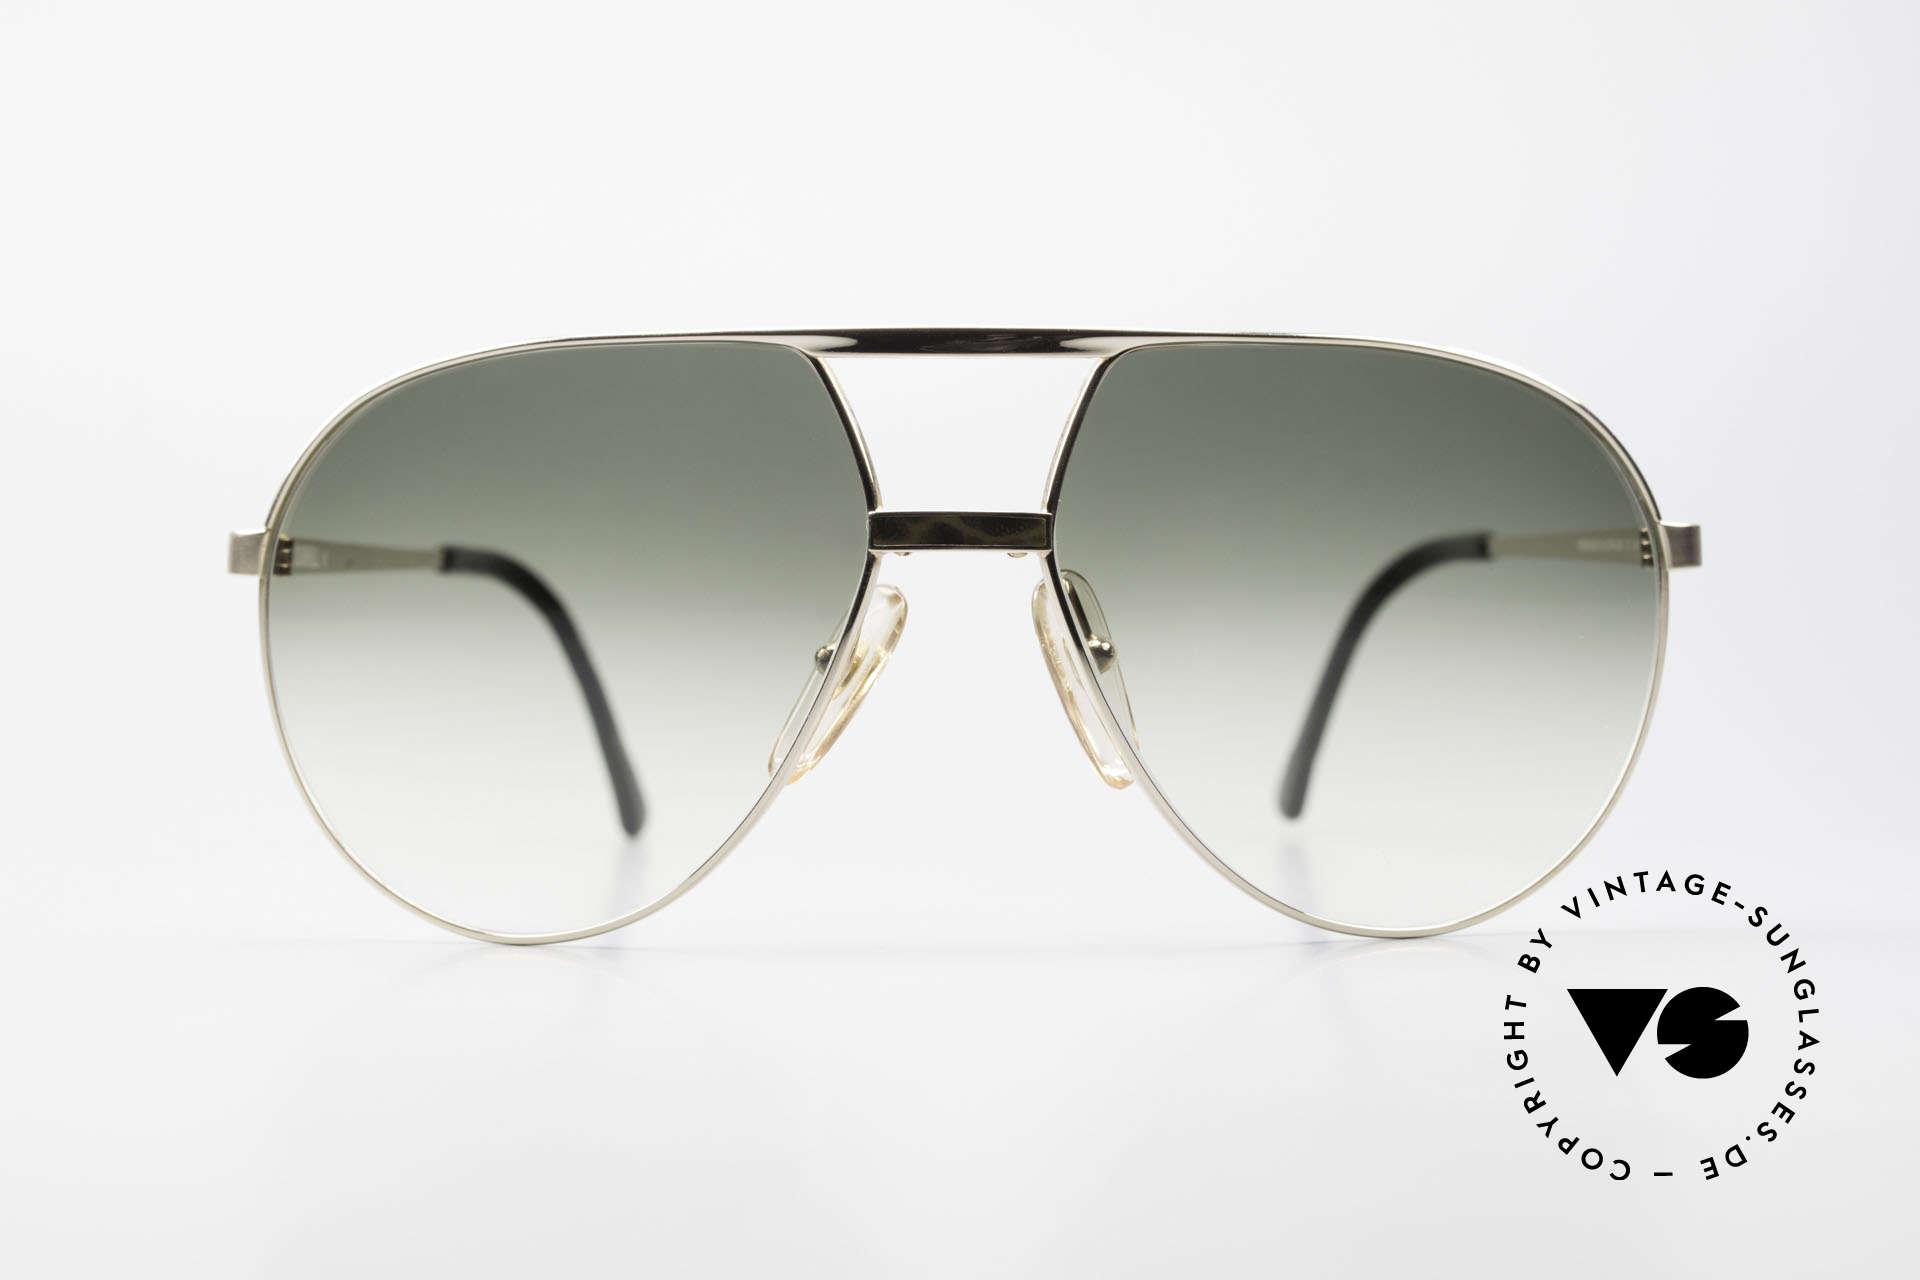 Dunhill 6042 80er Luxus Pilotenbrille Herren, edle 80er Jahre DUNHILL Designer-Sonnenbrille, Passend für Herren